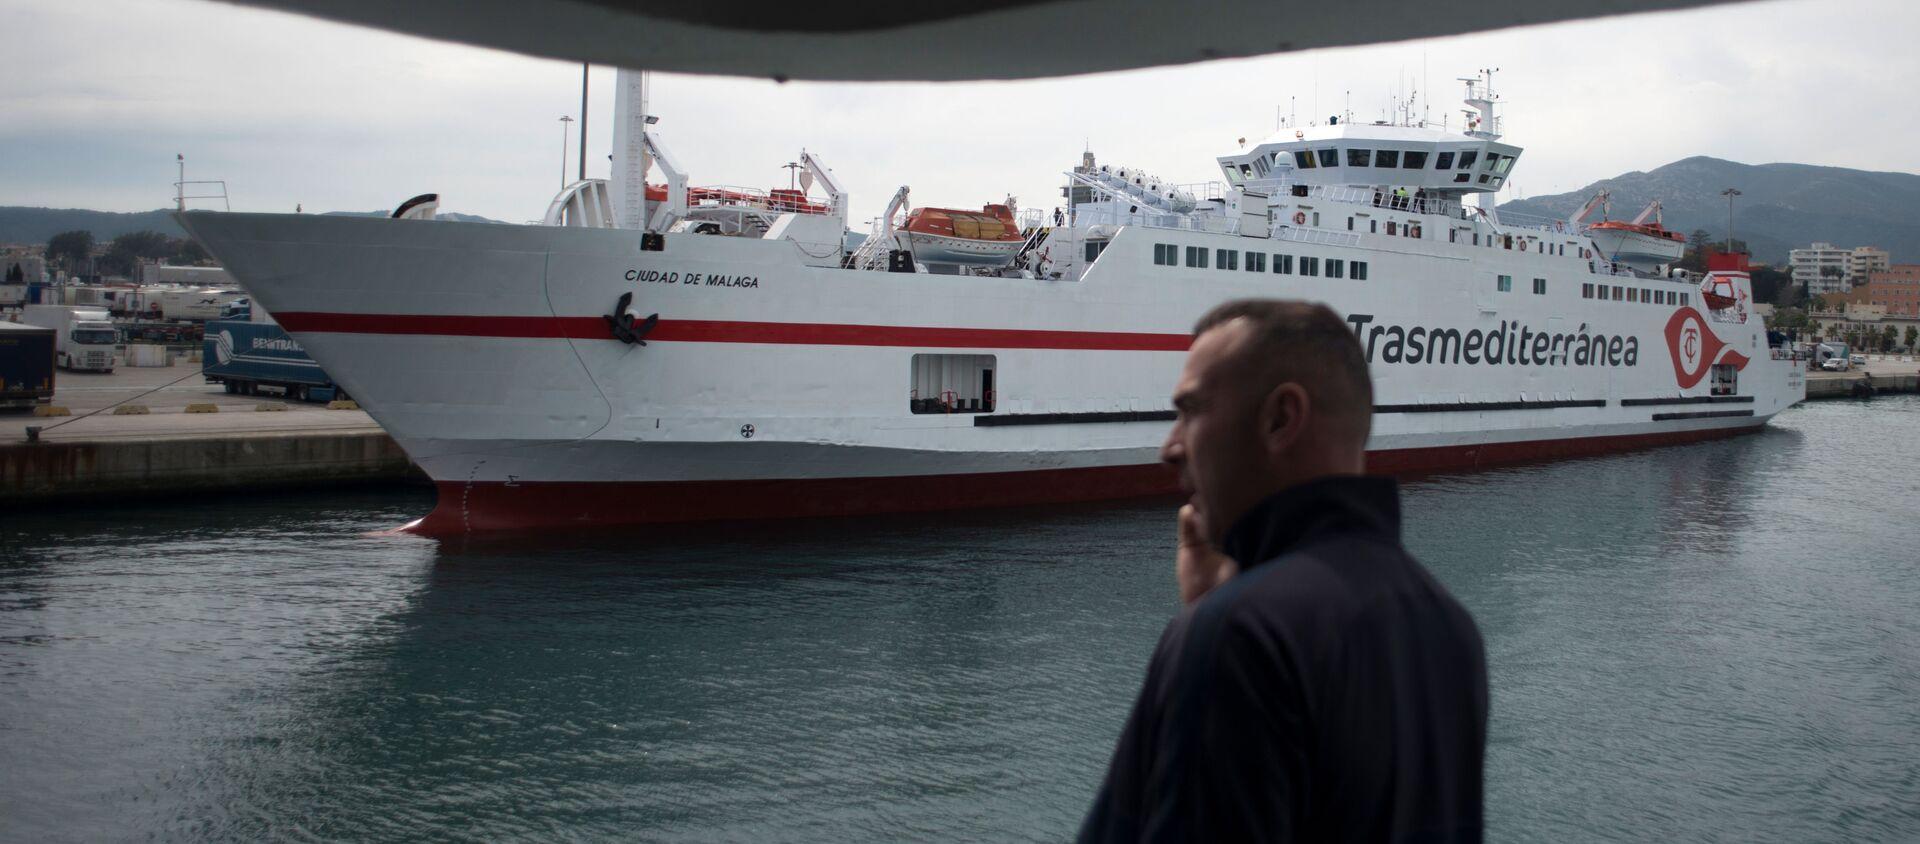 Hombre hablando por teléfono en ferry en el puerto de Algeciras (Málaga) - Sputnik Mundo, 1920, 13.03.2020